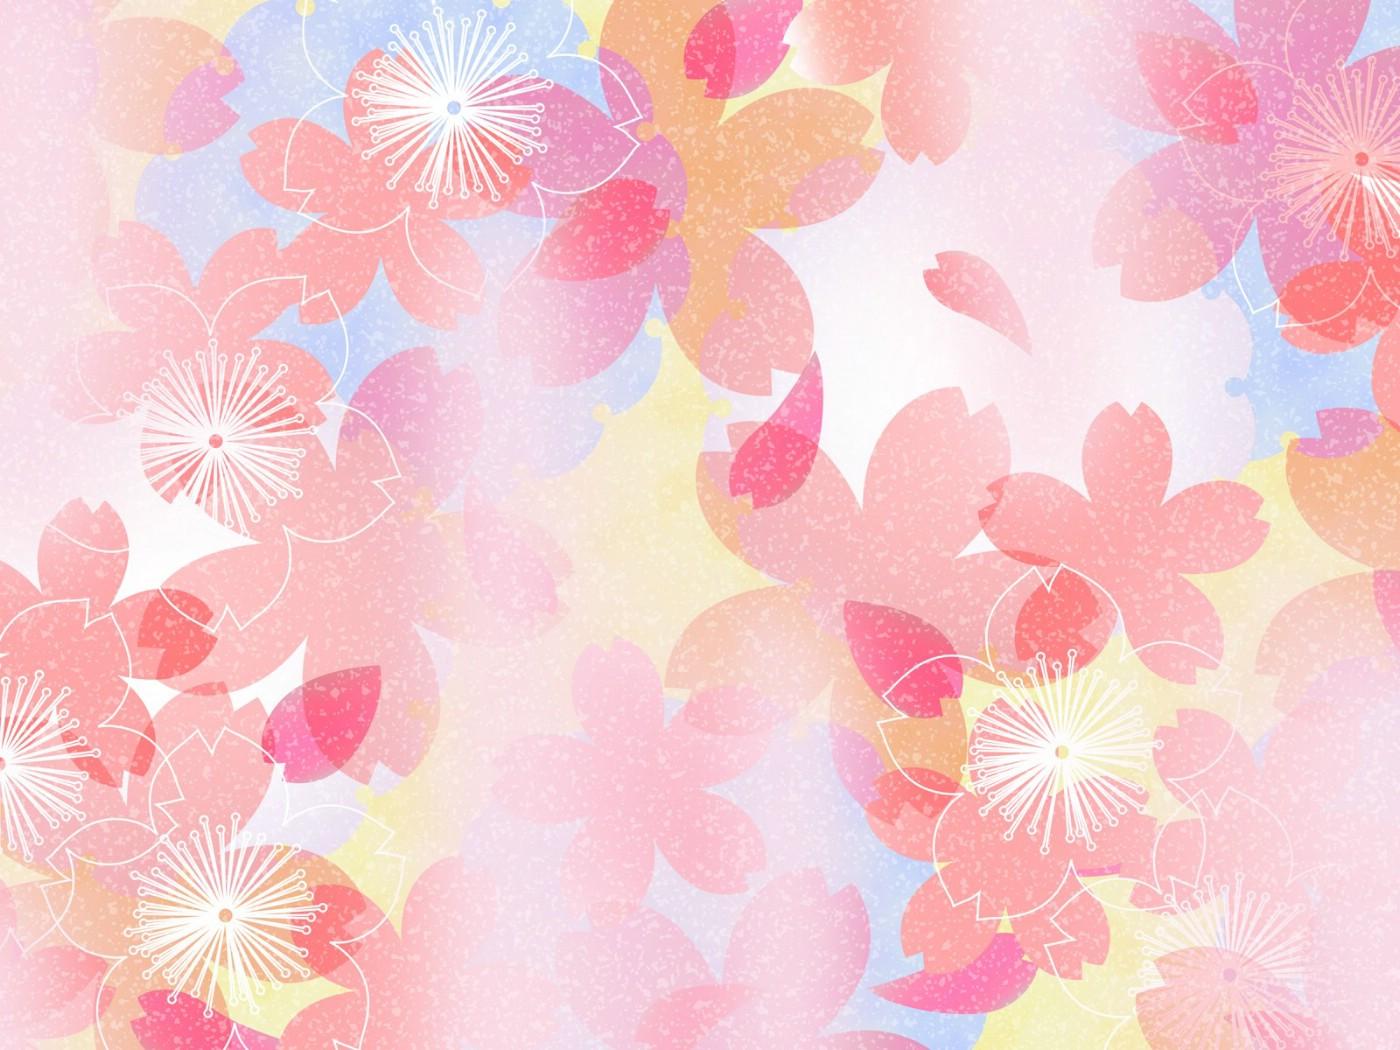 壁纸1400×1050甜美系 樱花碎花图案设计壁纸 美丽碎花布 之 粉红甜美系壁纸图片花卉壁纸花卉图片素材桌面壁纸